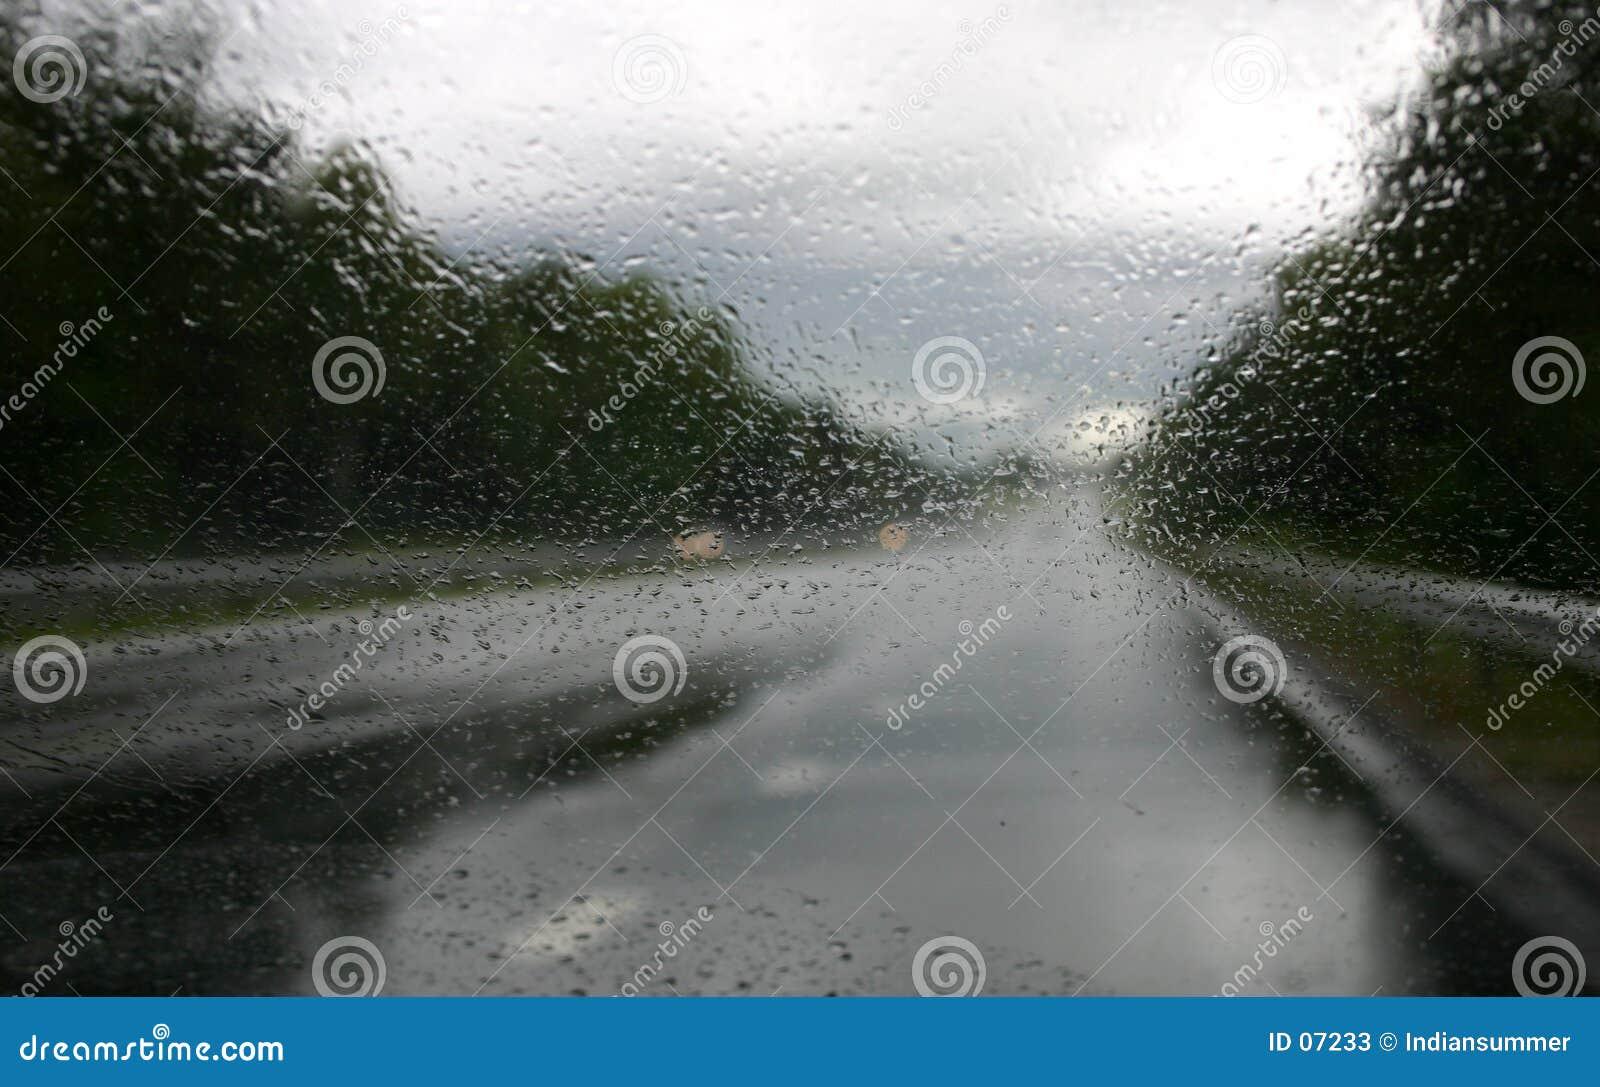 Antreiben in den Regen V